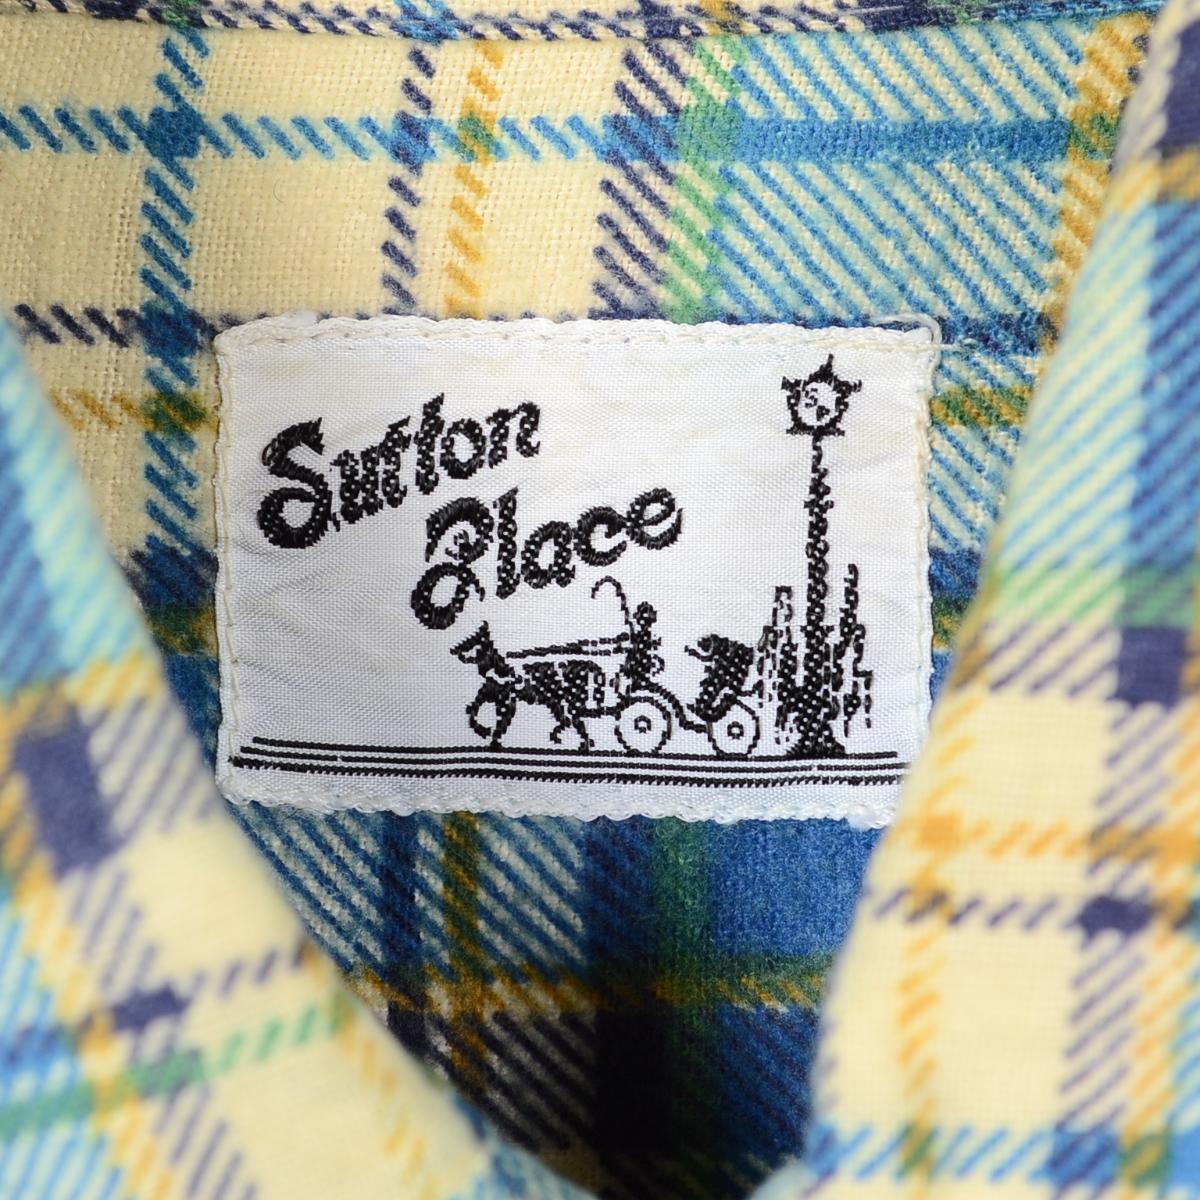 70 年代萨顿长套筒打印内尔衬衫男装 L 老式 /wek9770 151114